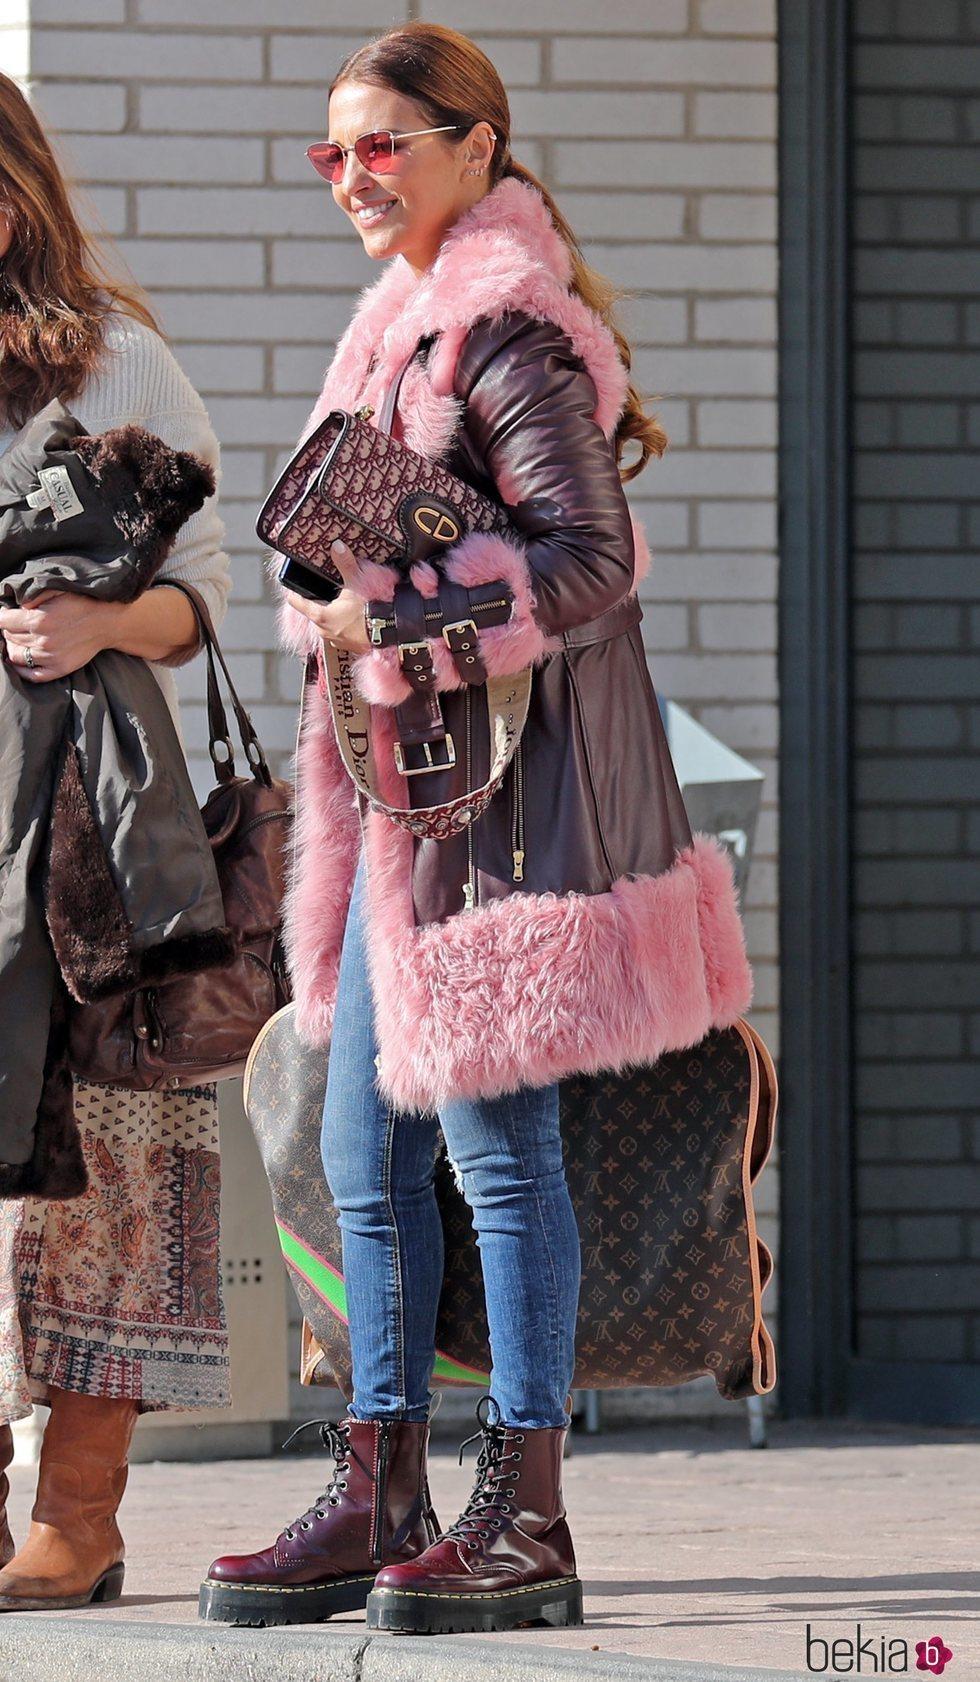 Paula Echevarría con un abrigo un tanto estridente en color rosa y burdeos